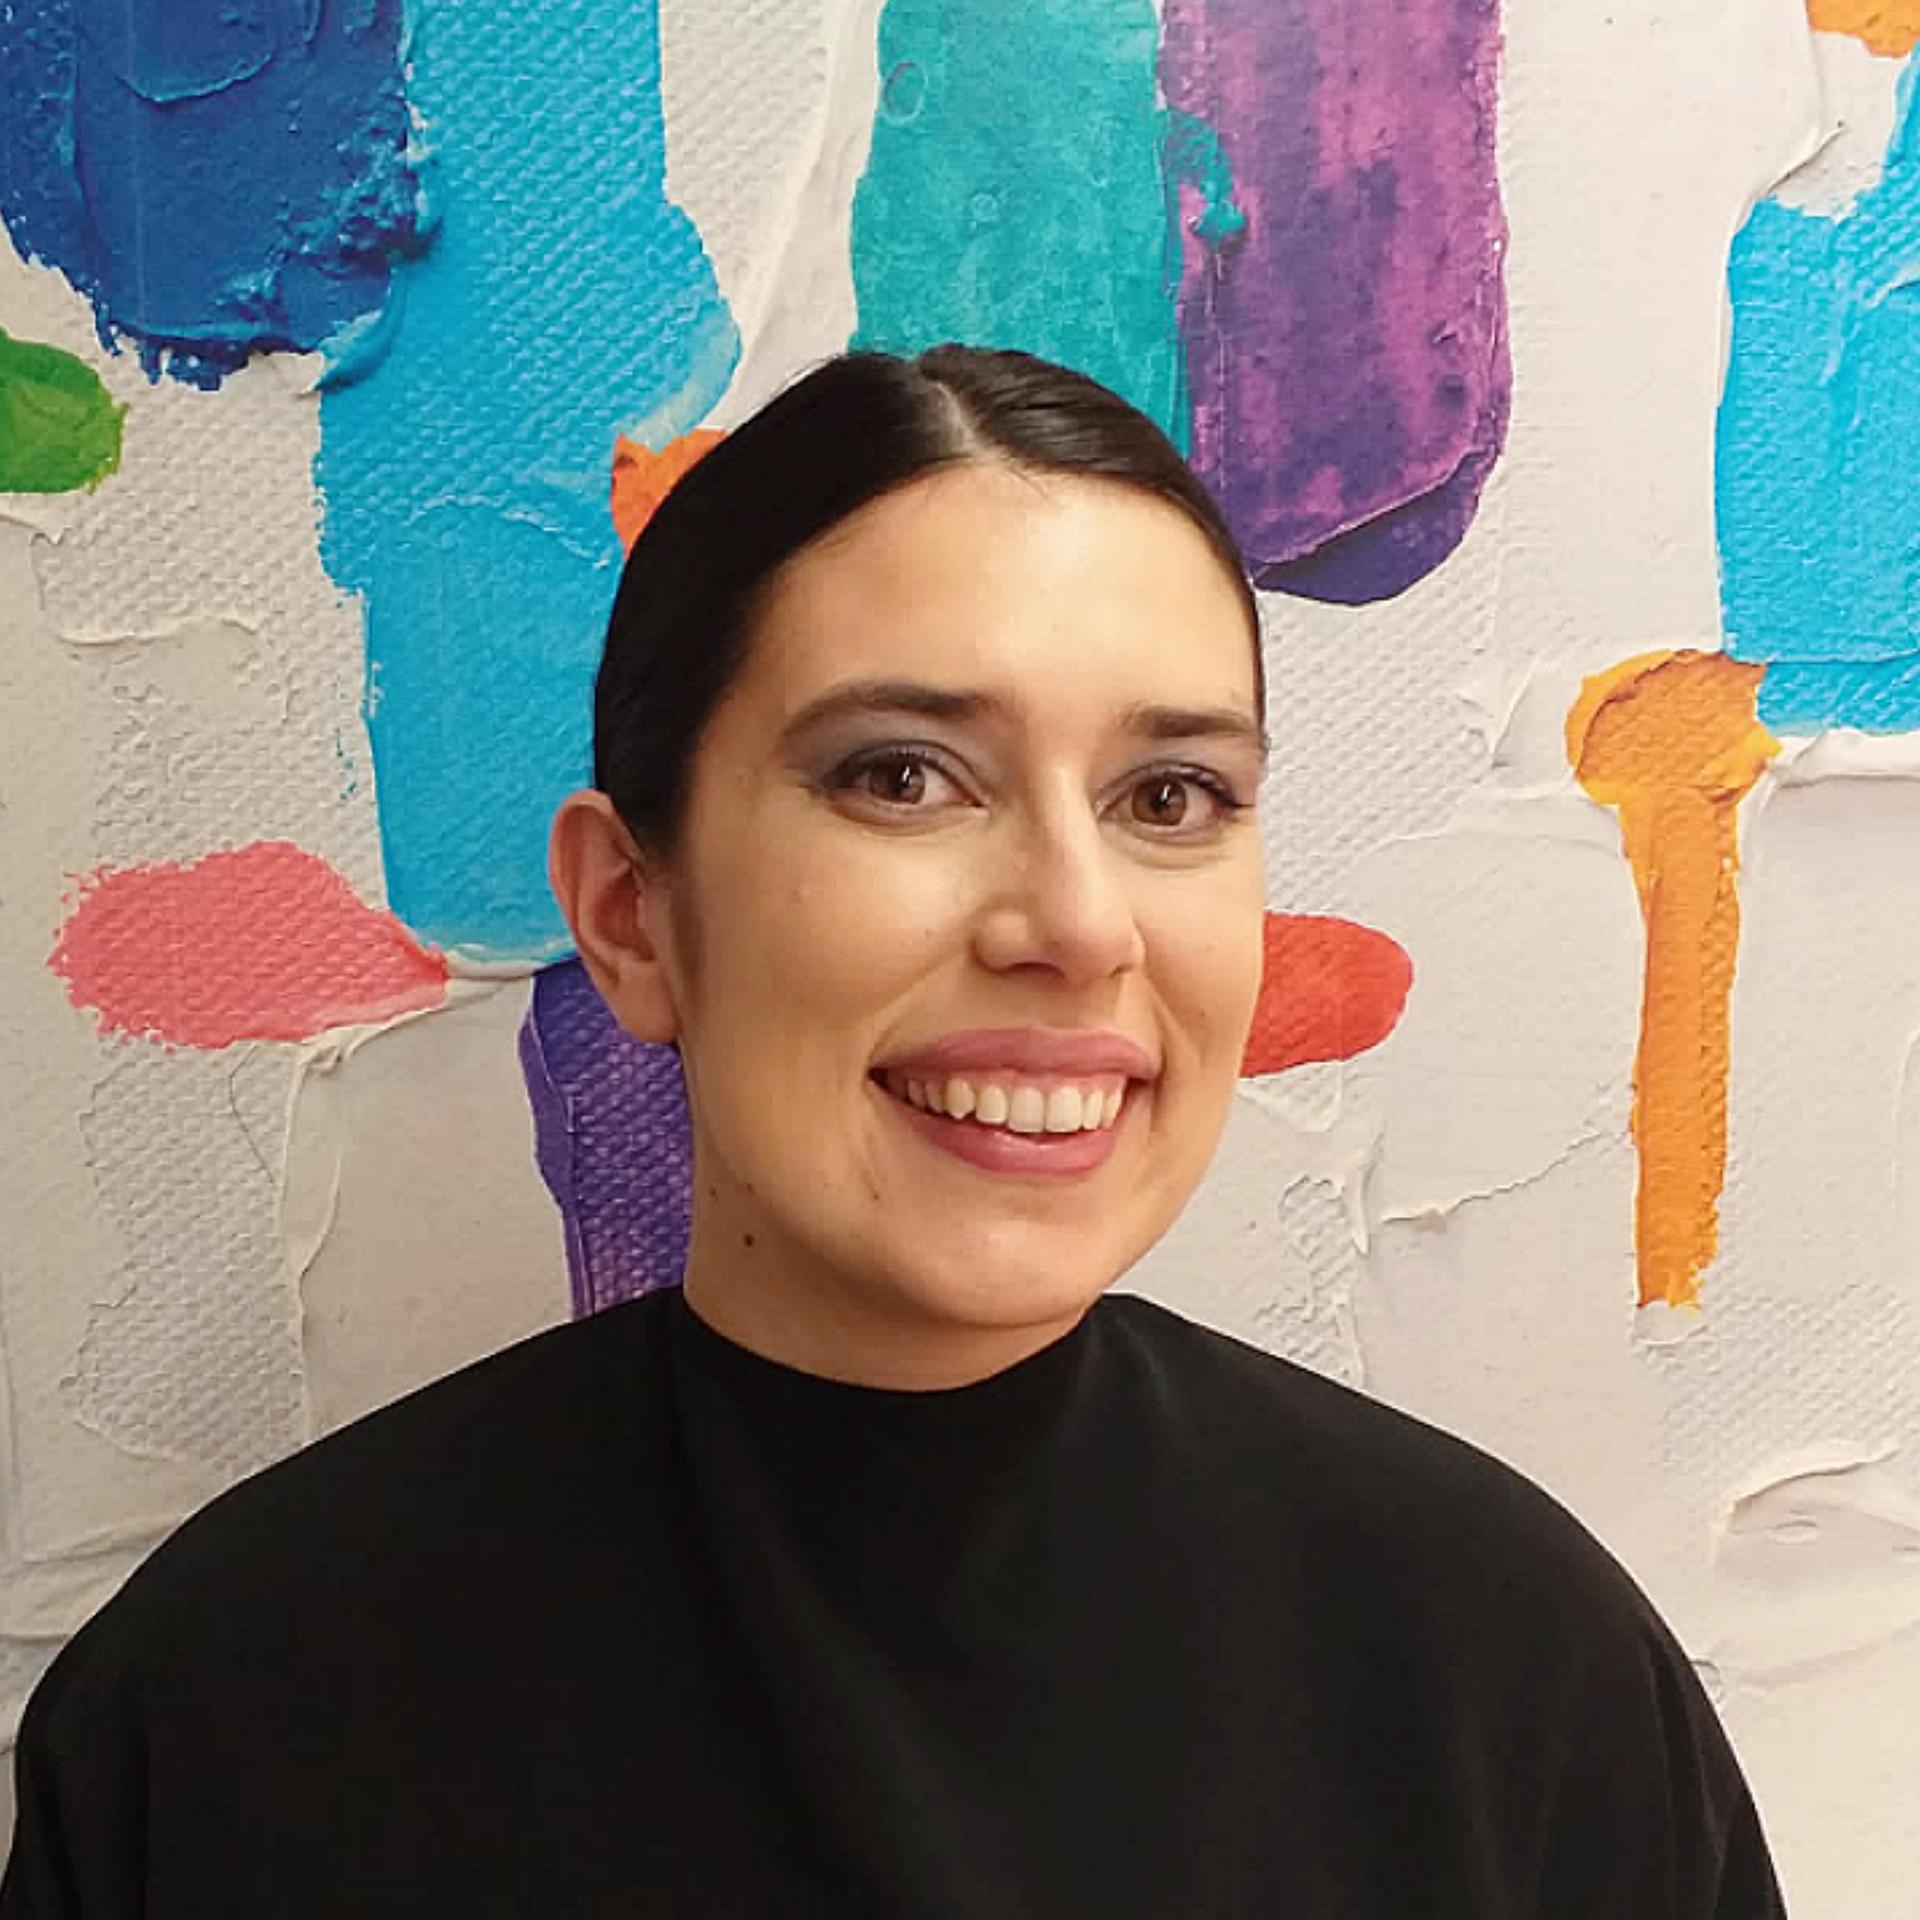 Giulia Fantacci: formatrice della lingua inglese da Armonia dal 2015 e fondatrice e CEO di Labsitters, strtup che insegna l'inglese ai bambini attraverso giochi ed attività divertenti a domicilio.